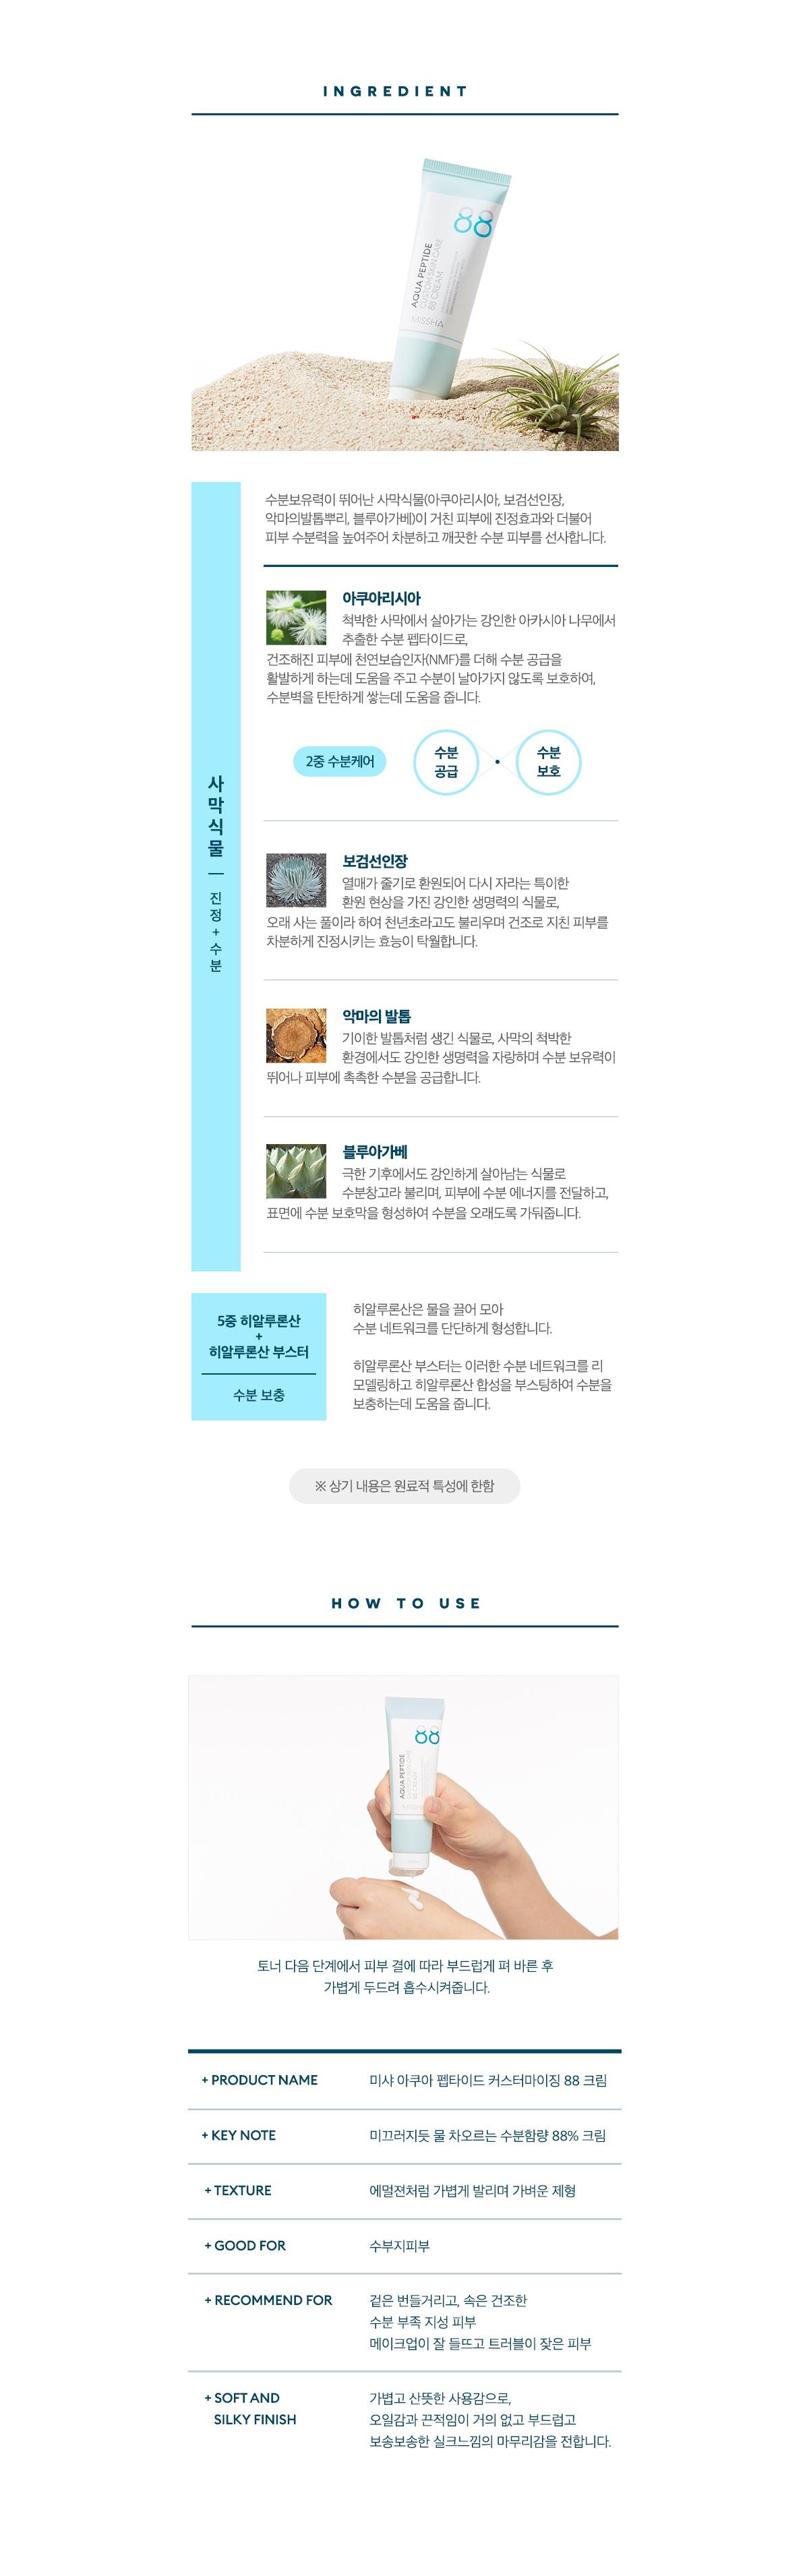 Missha Aqua Peptide Custom Skincare 88 Cream korean skincare product online shop malaysia china india2